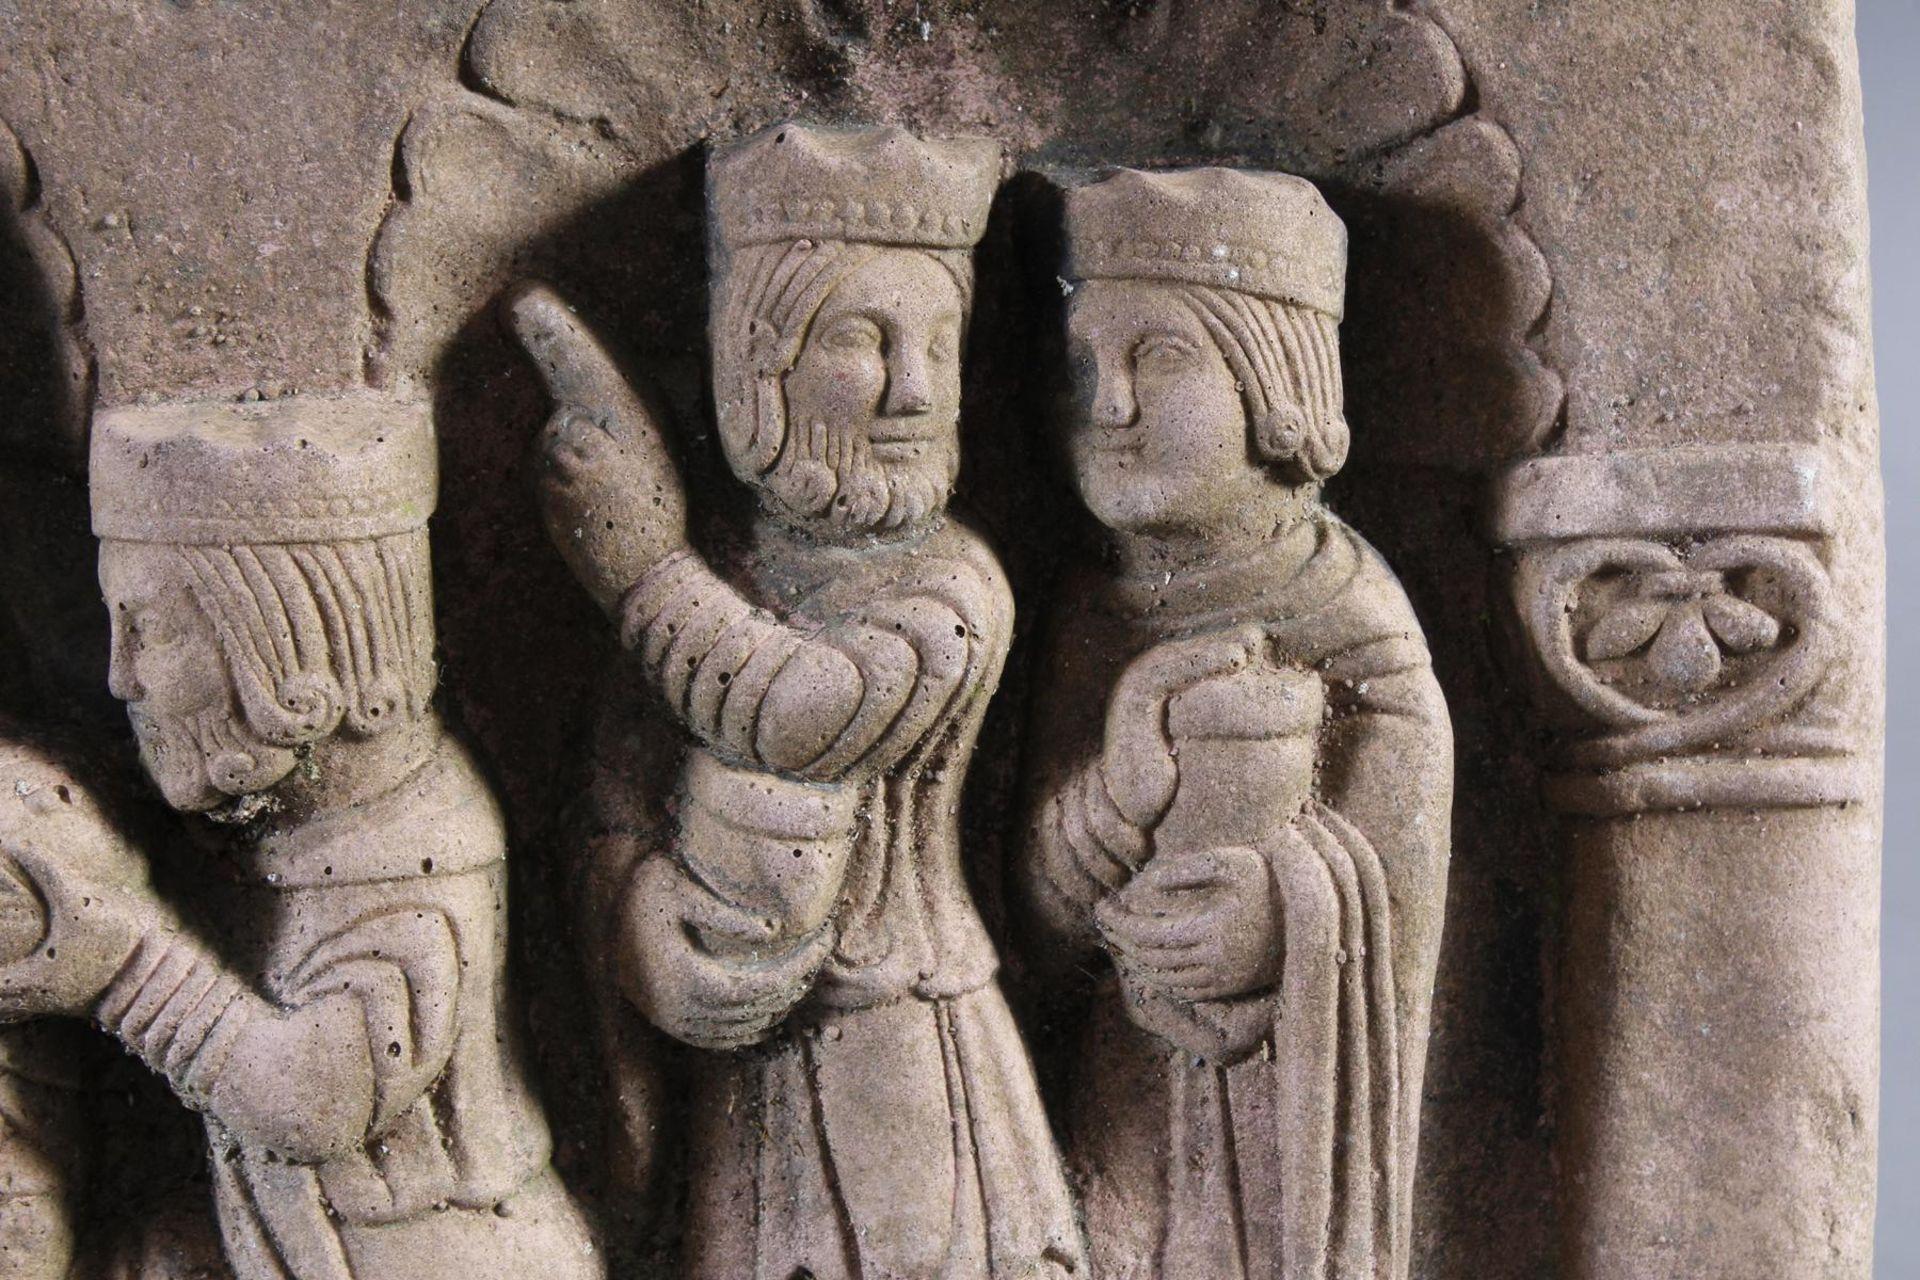 Sandstein Gussrelief - Bild 5 aus 10